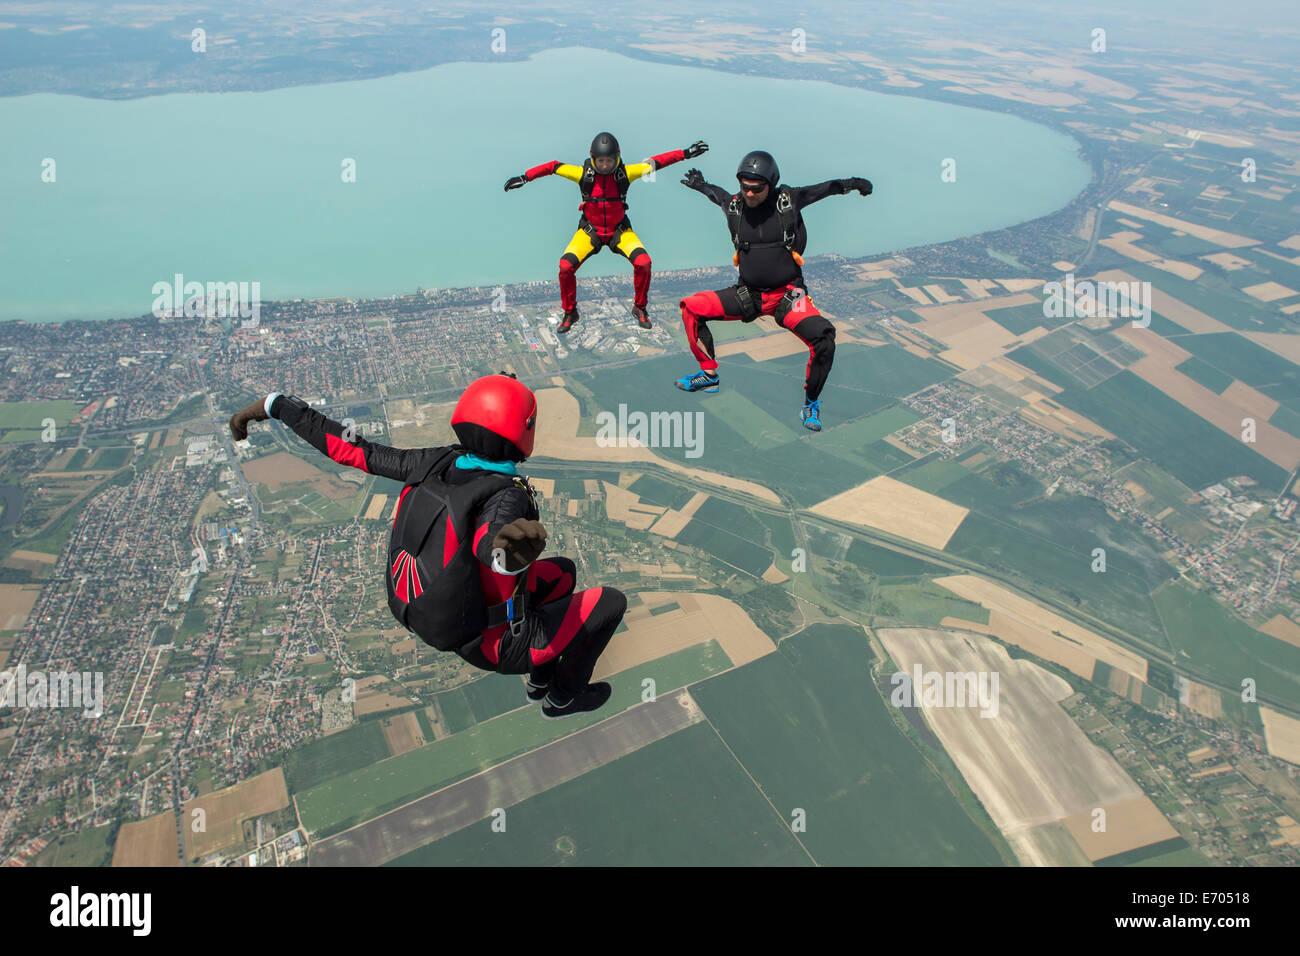 Tres paracaidistas freeflying en formación, Somogy Siofok, Hungría Imagen De Stock